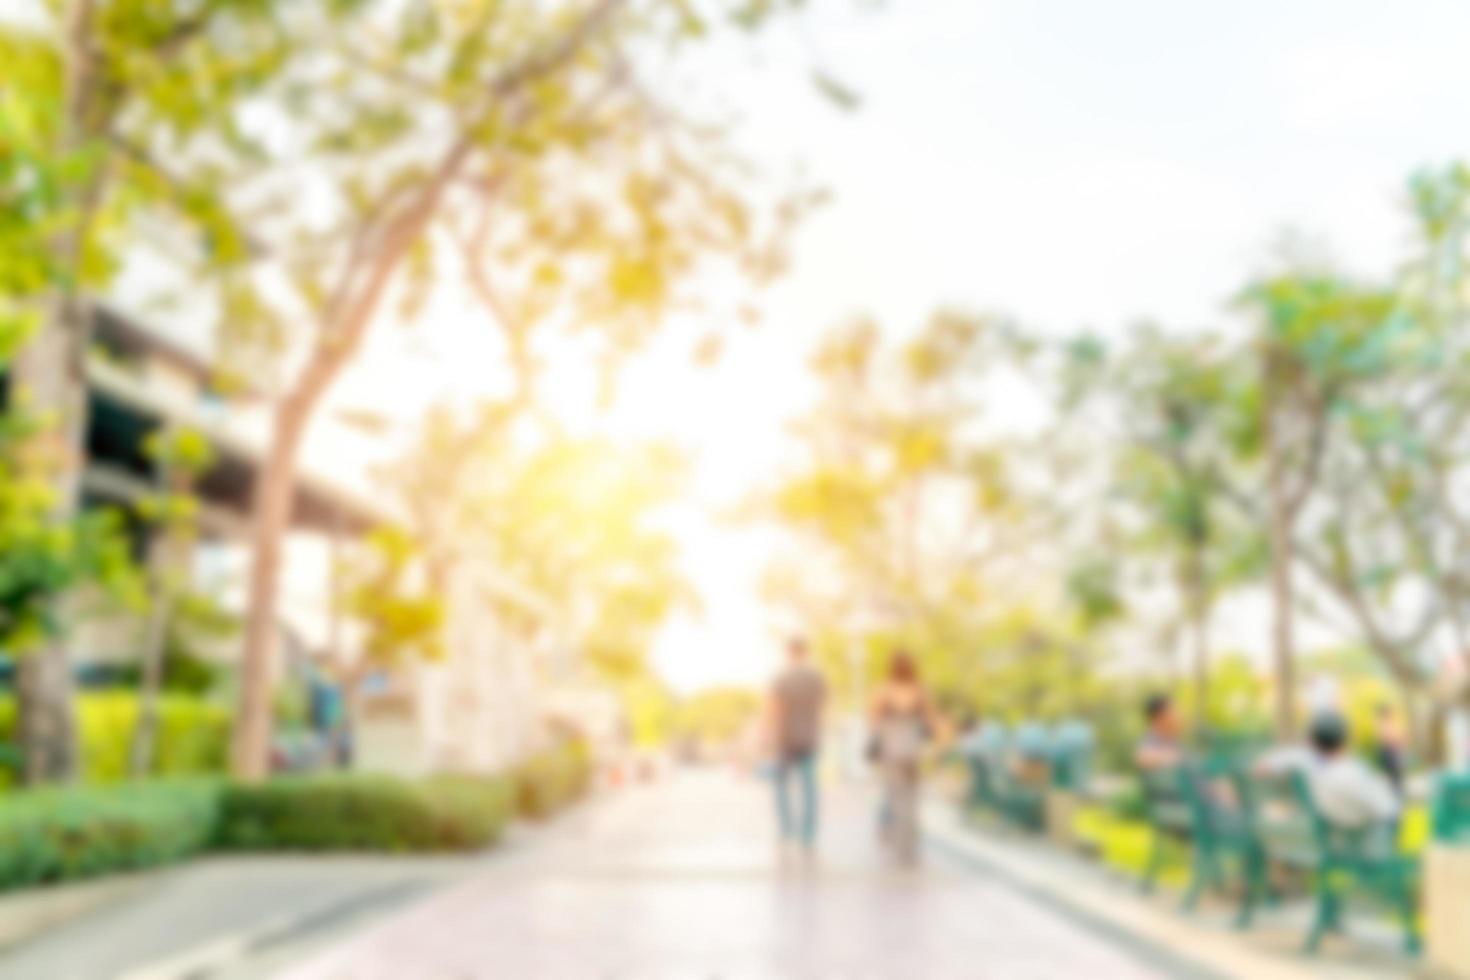 abstrakt suddig bild av människor som kopplar av i parken foto